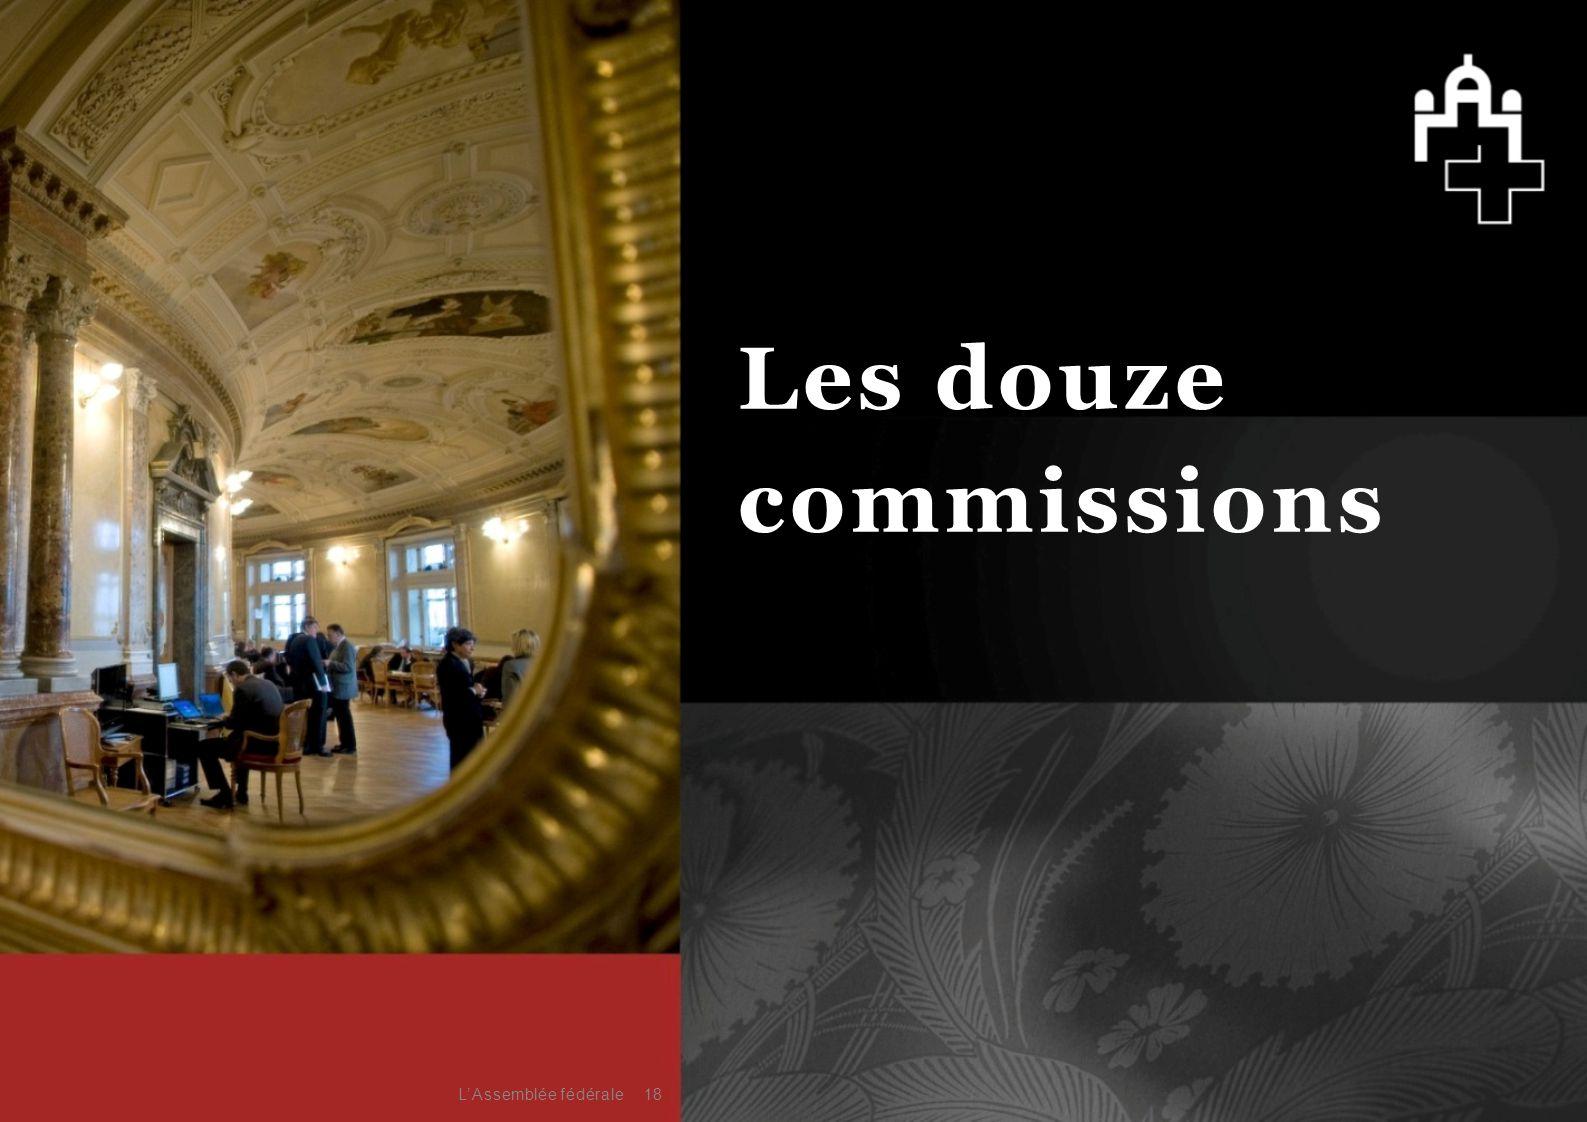 18 Les douze commissions L'Assemblée fédérale